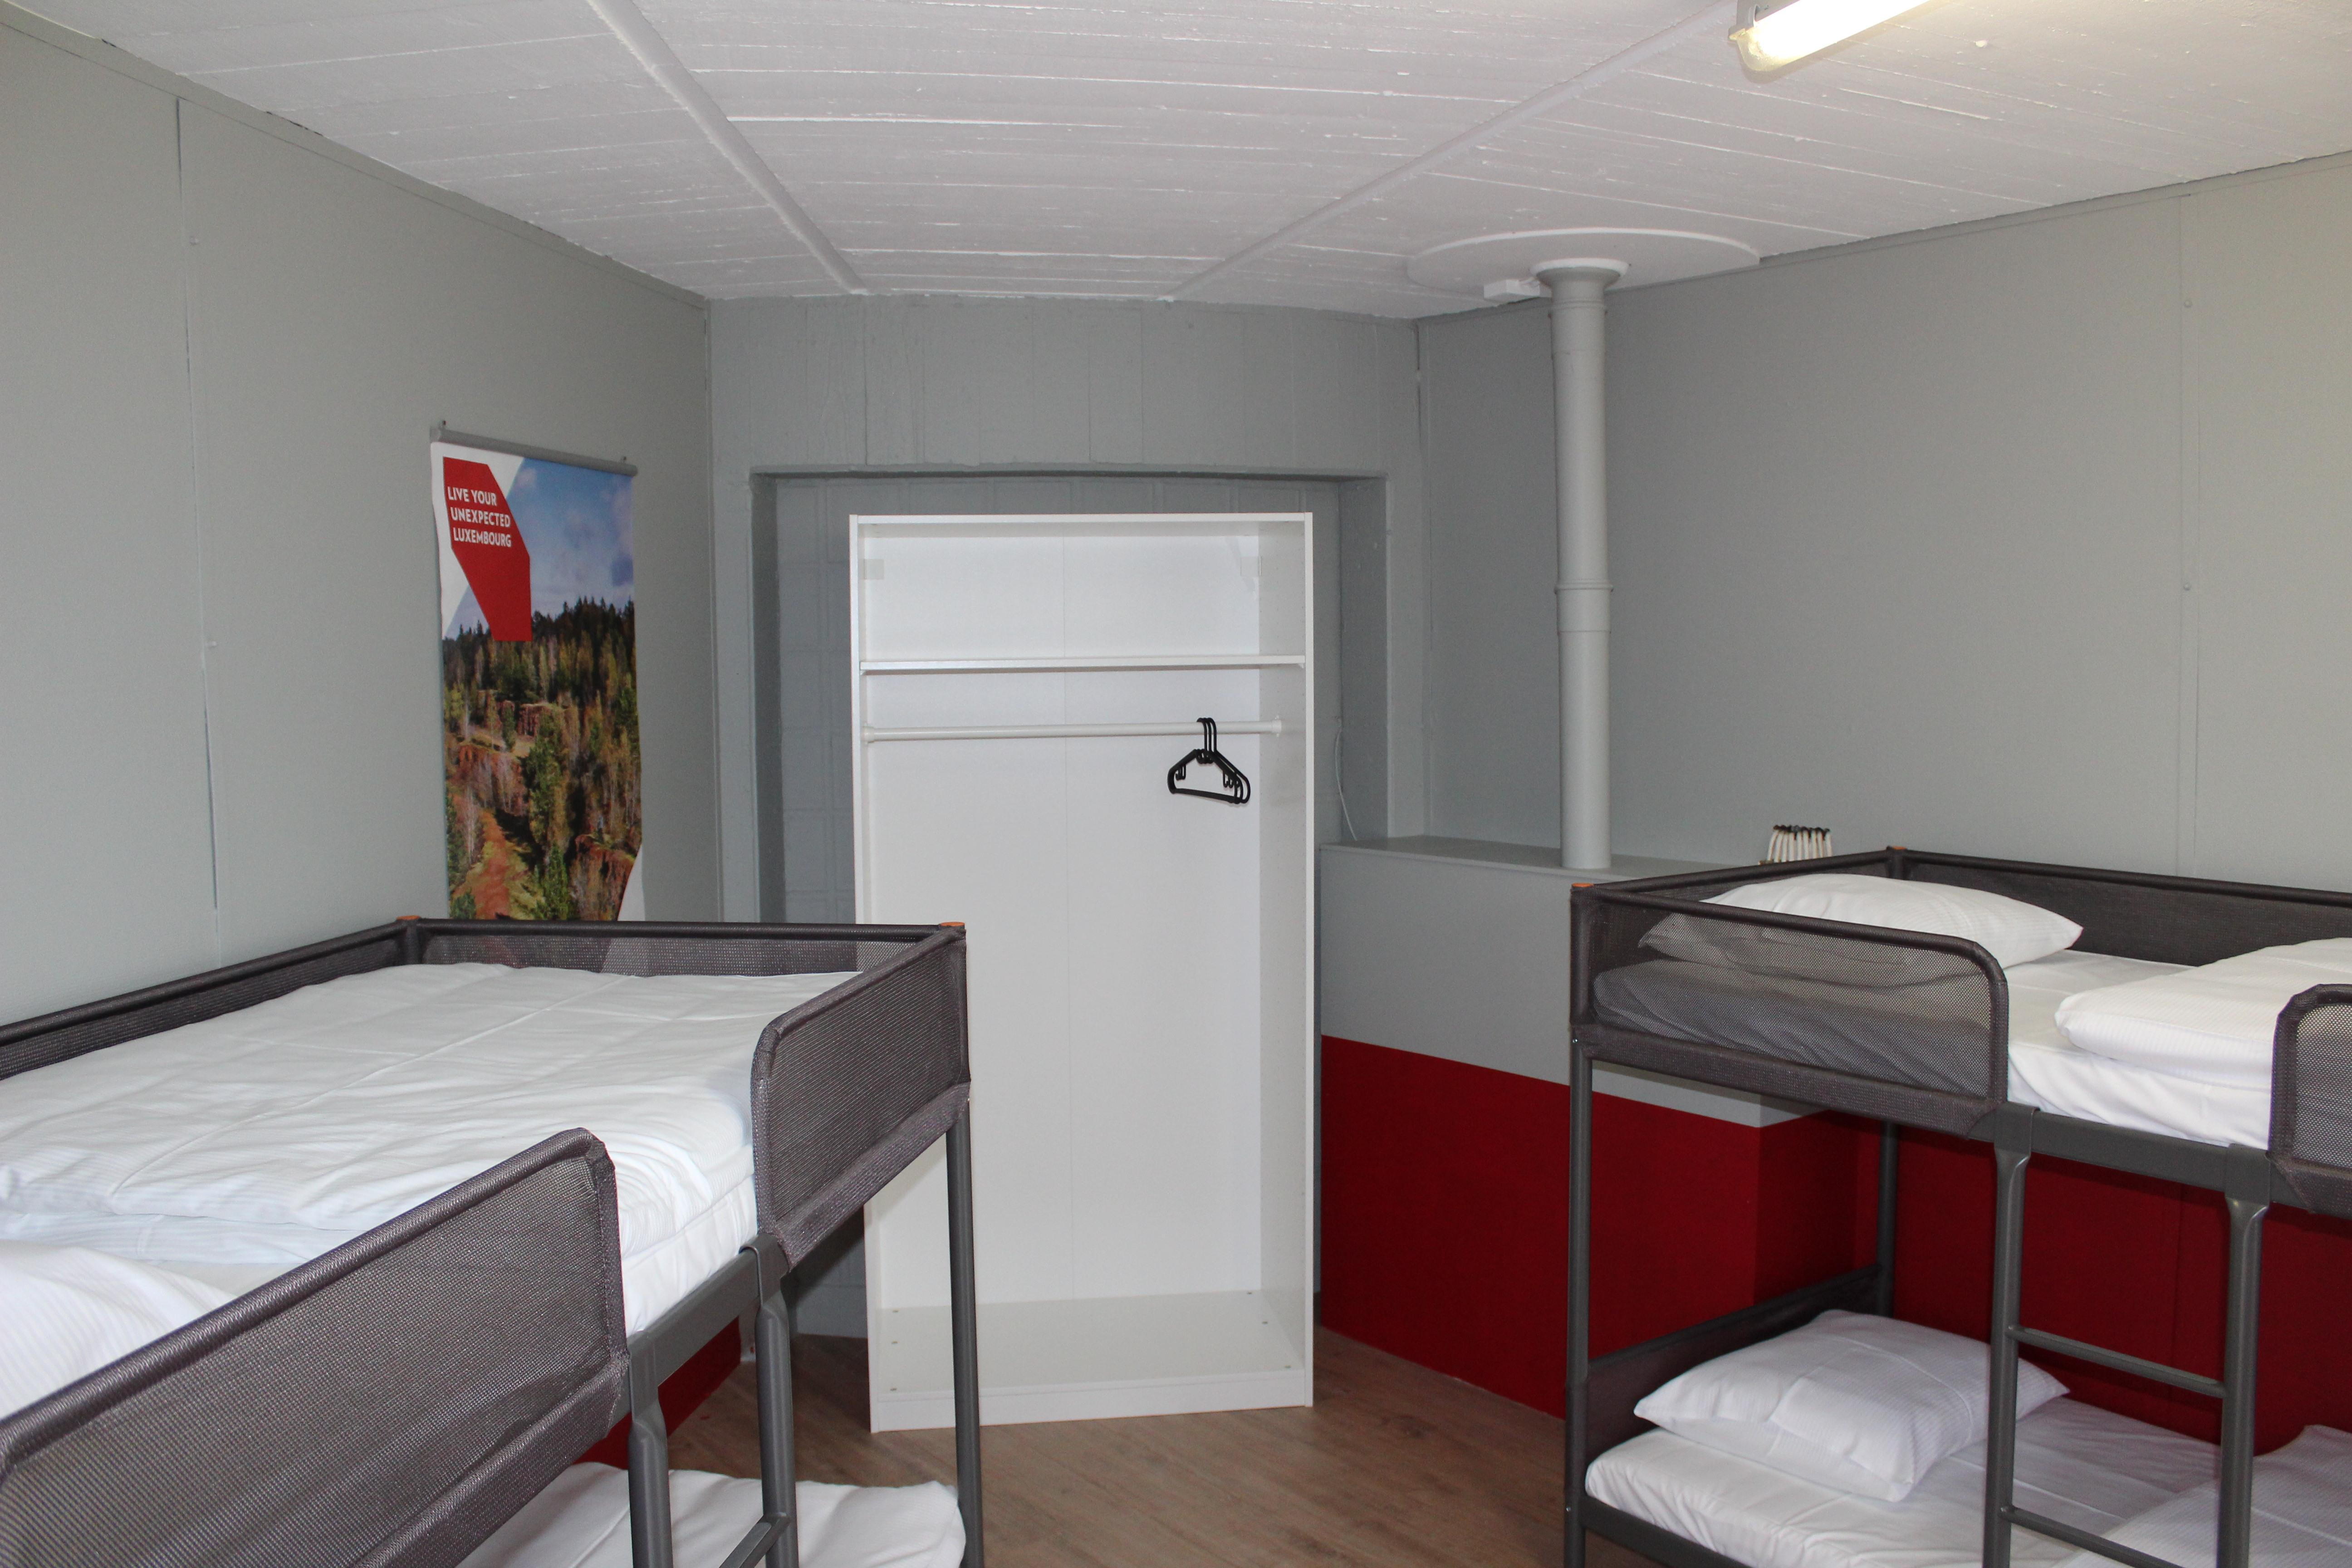 Chambre avec lits simples et lits superposés Max. 3 jours